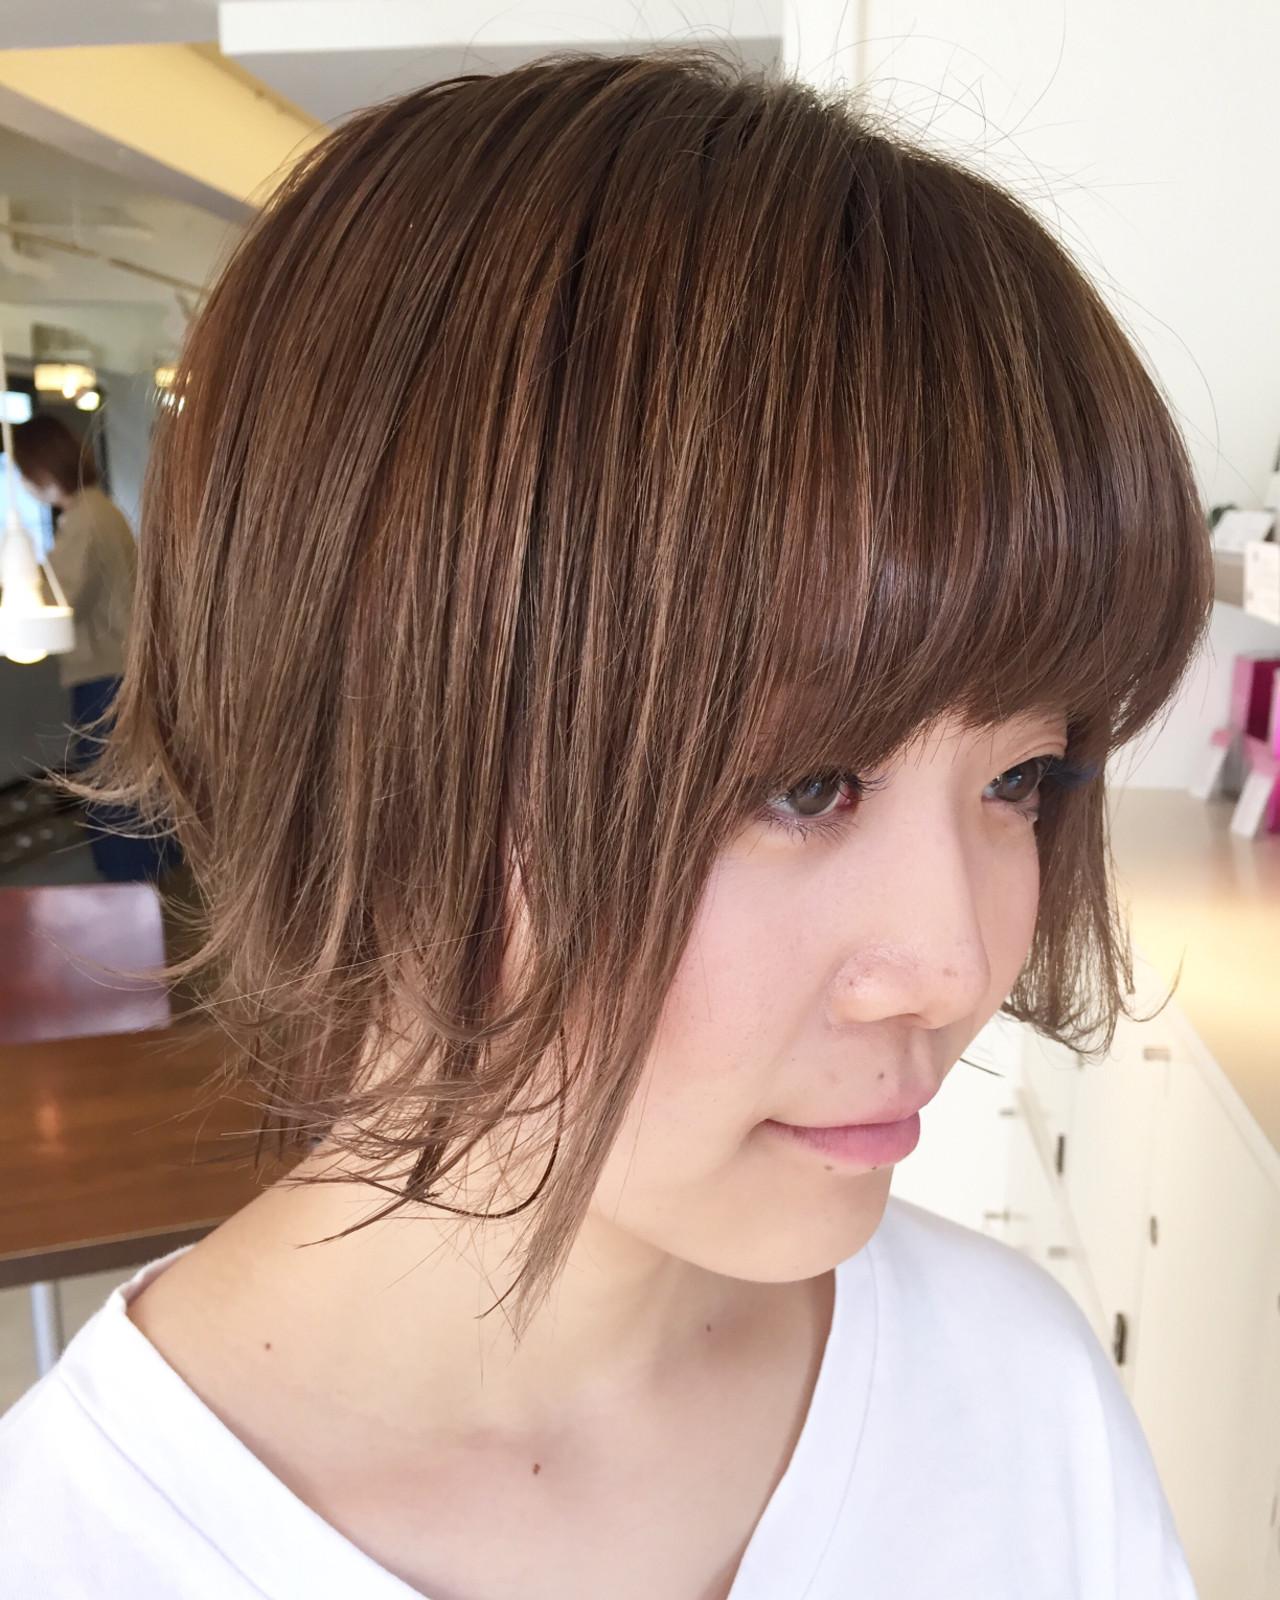 ショート オシャレ ハンサムショート トレンド ヘアスタイルや髪型の写真・画像